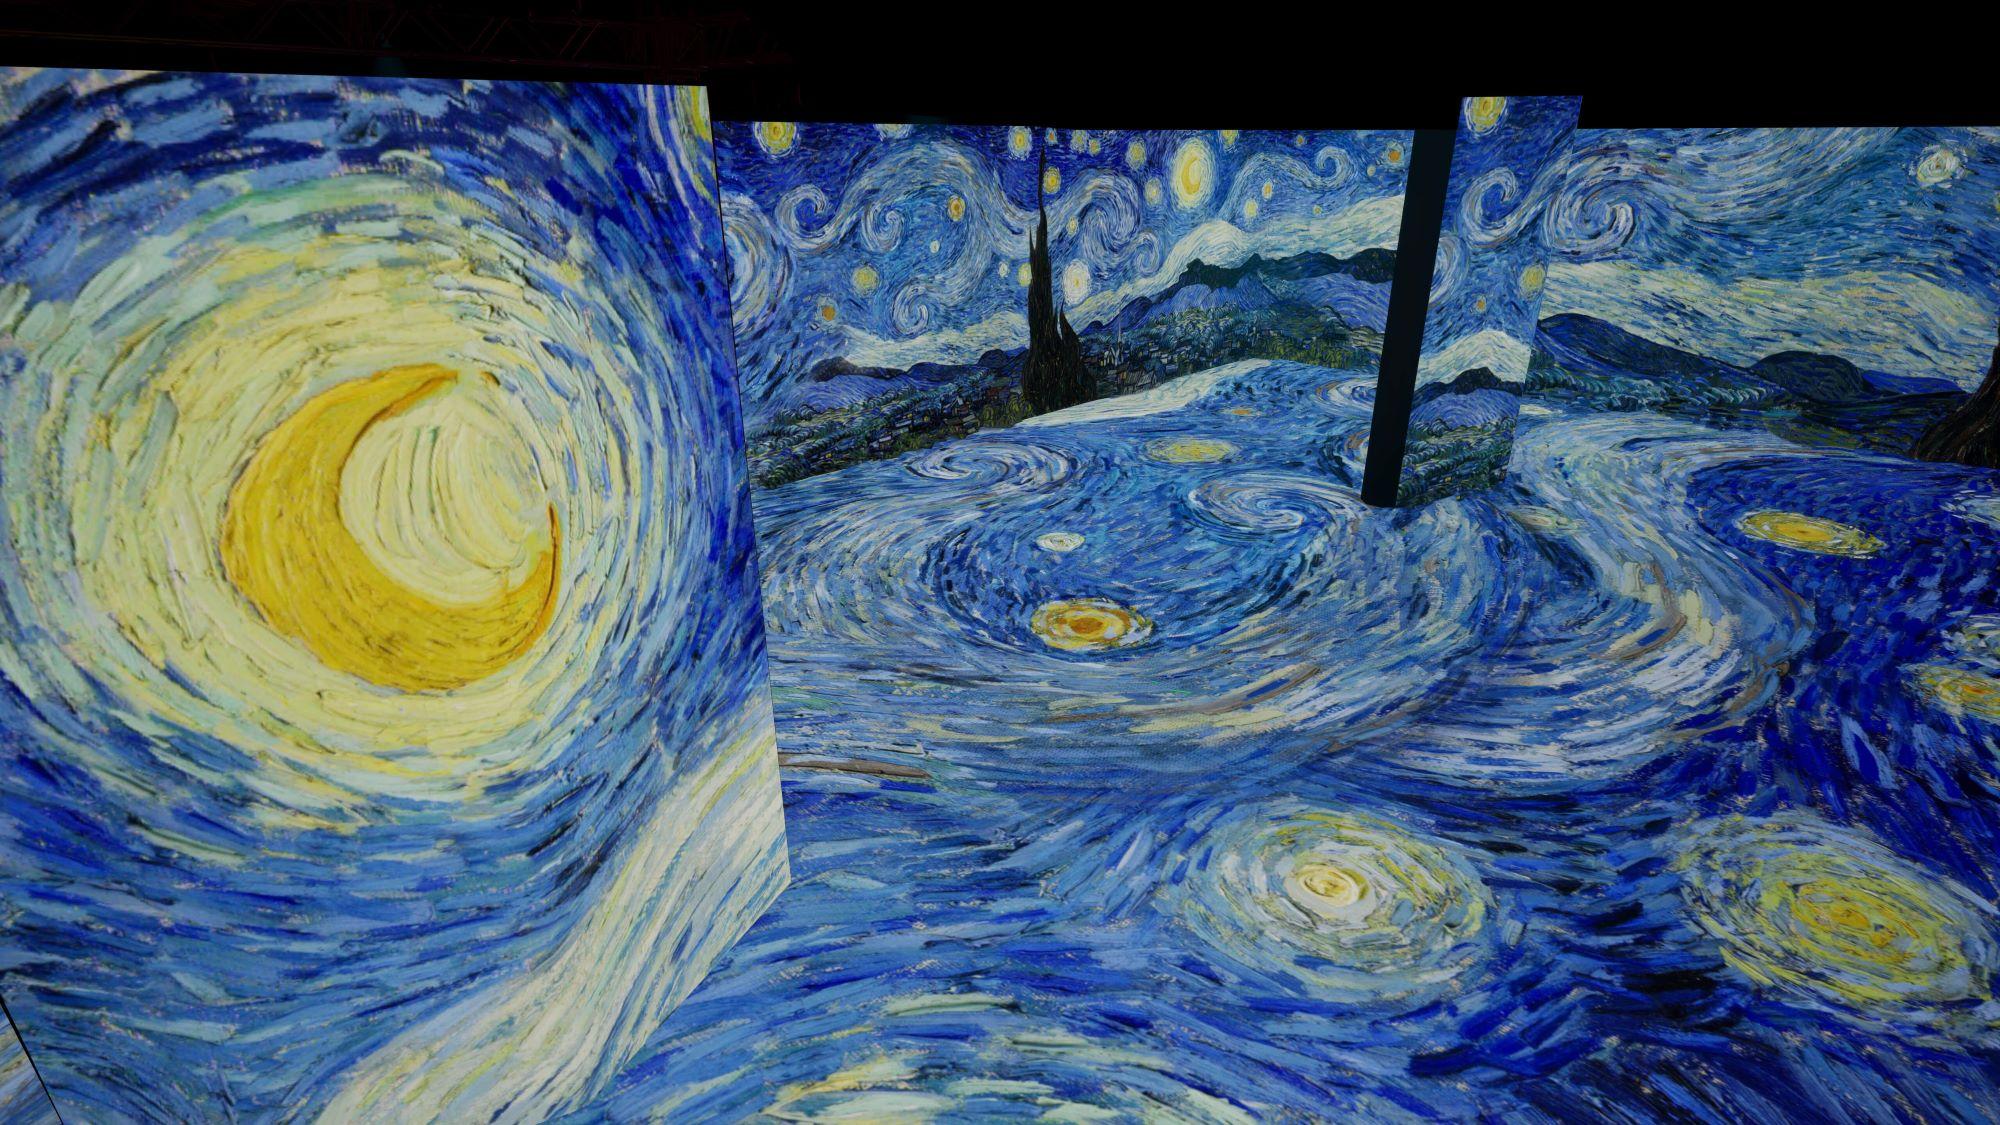 Flow with Van Gogh